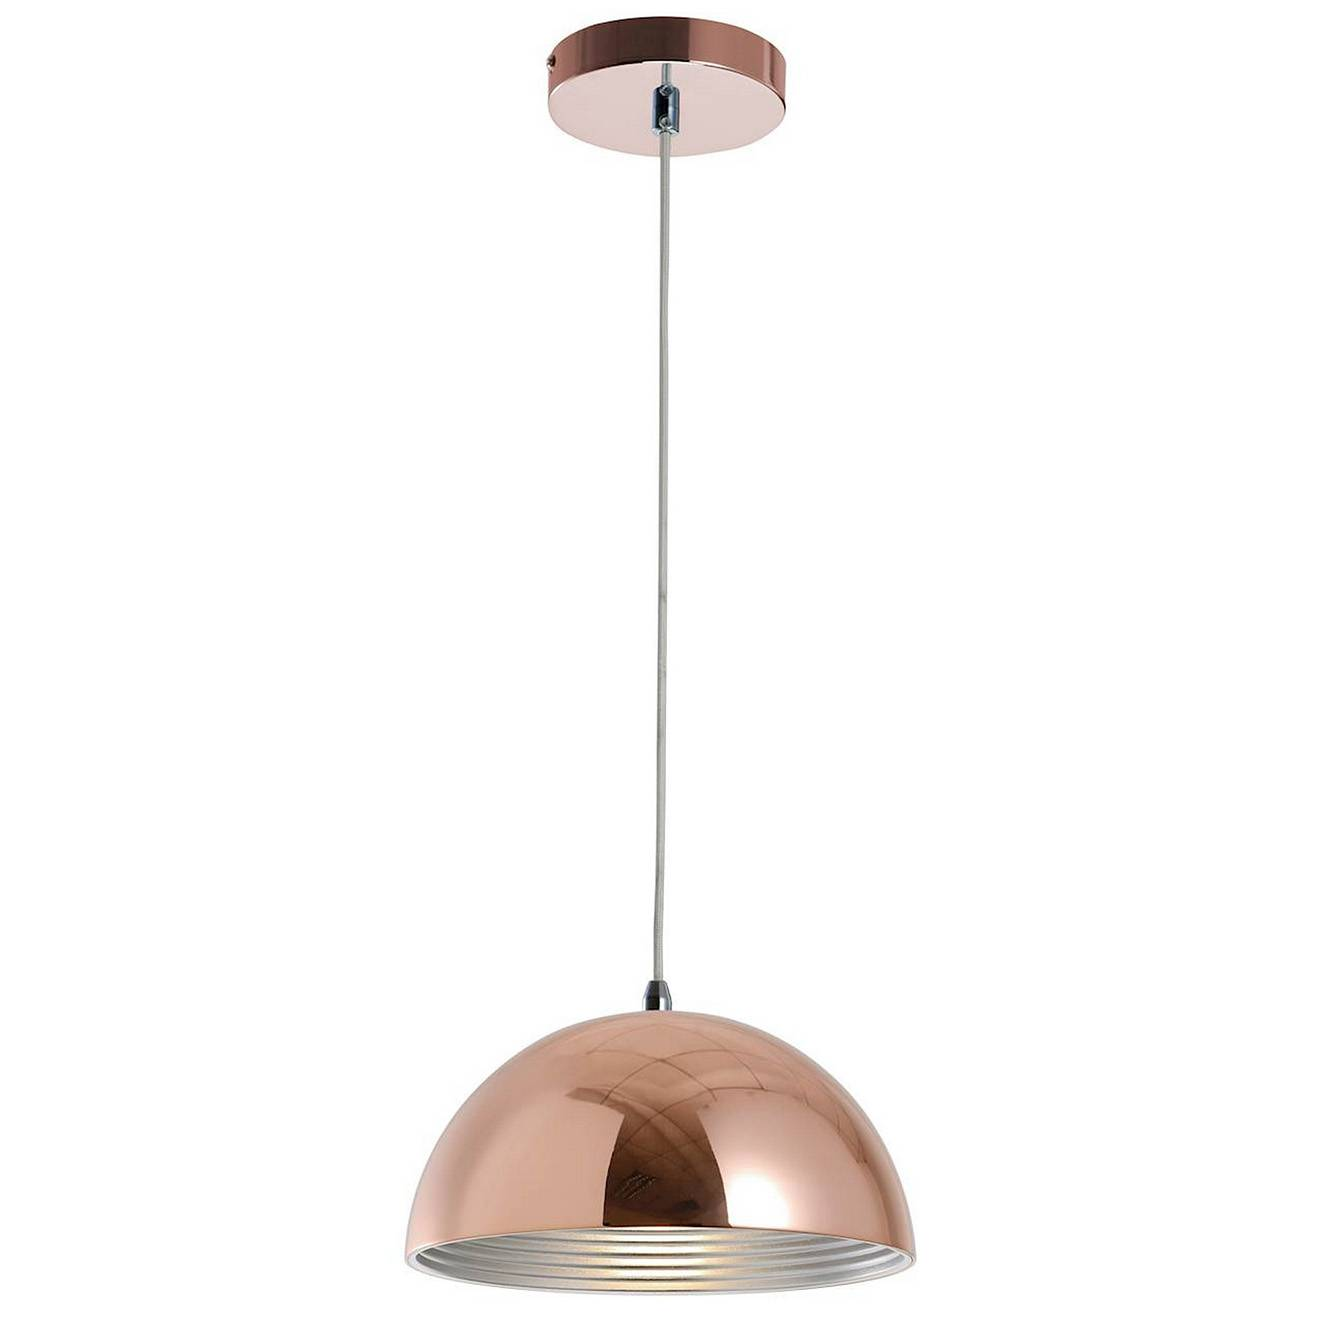 Light & Co Suspension Mads cuivrée - D.30xH.145 cm